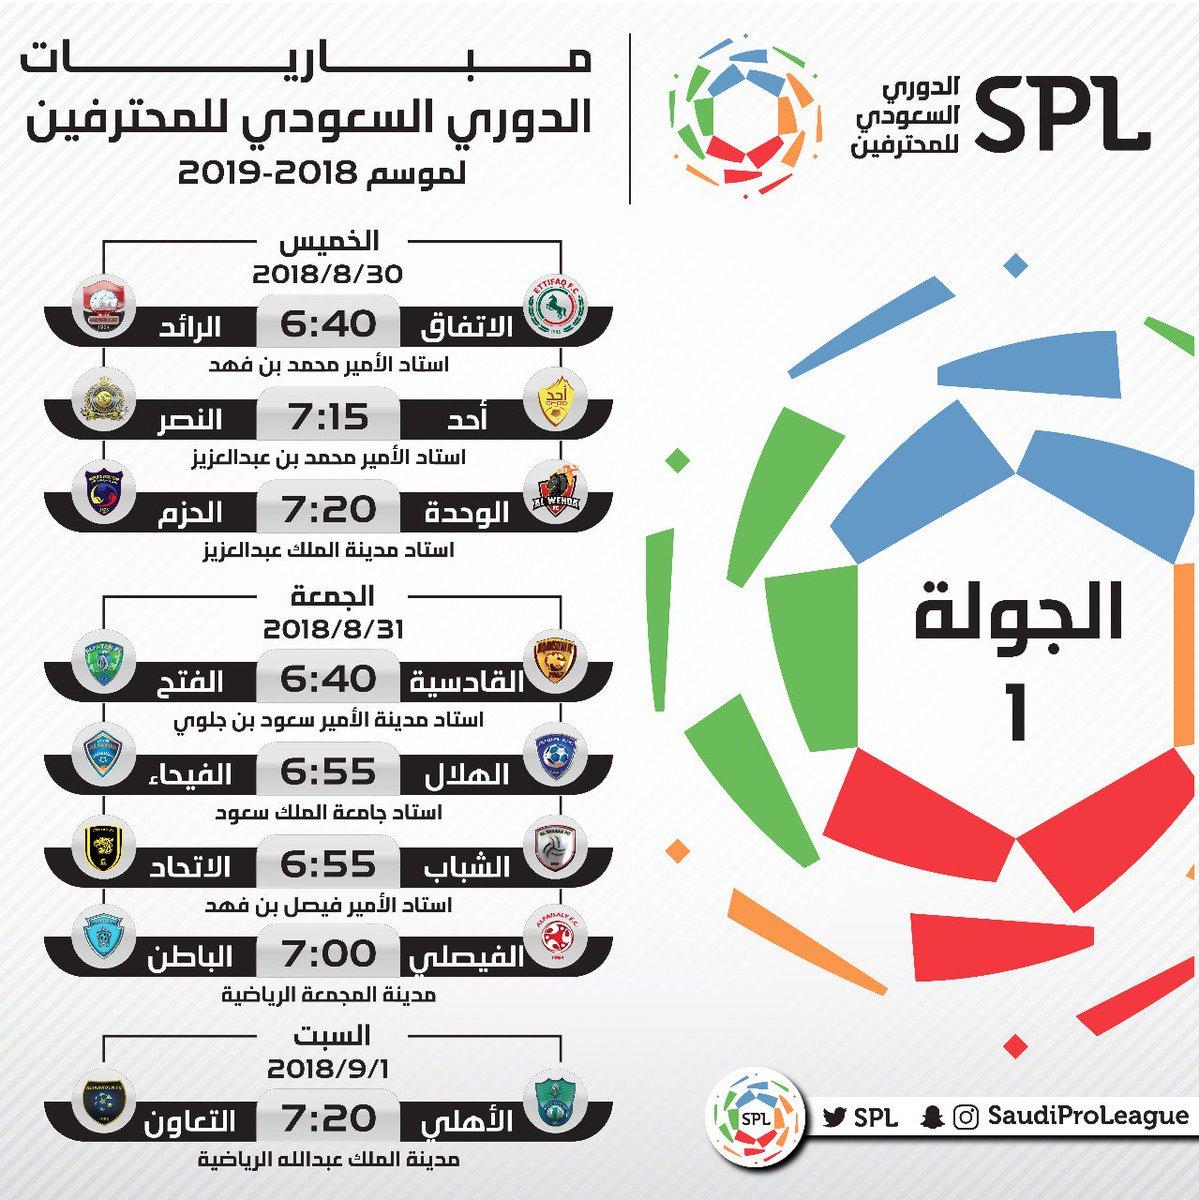 جدول مباريات الدوري السعوي للمحترفين لموسم 2018 2019